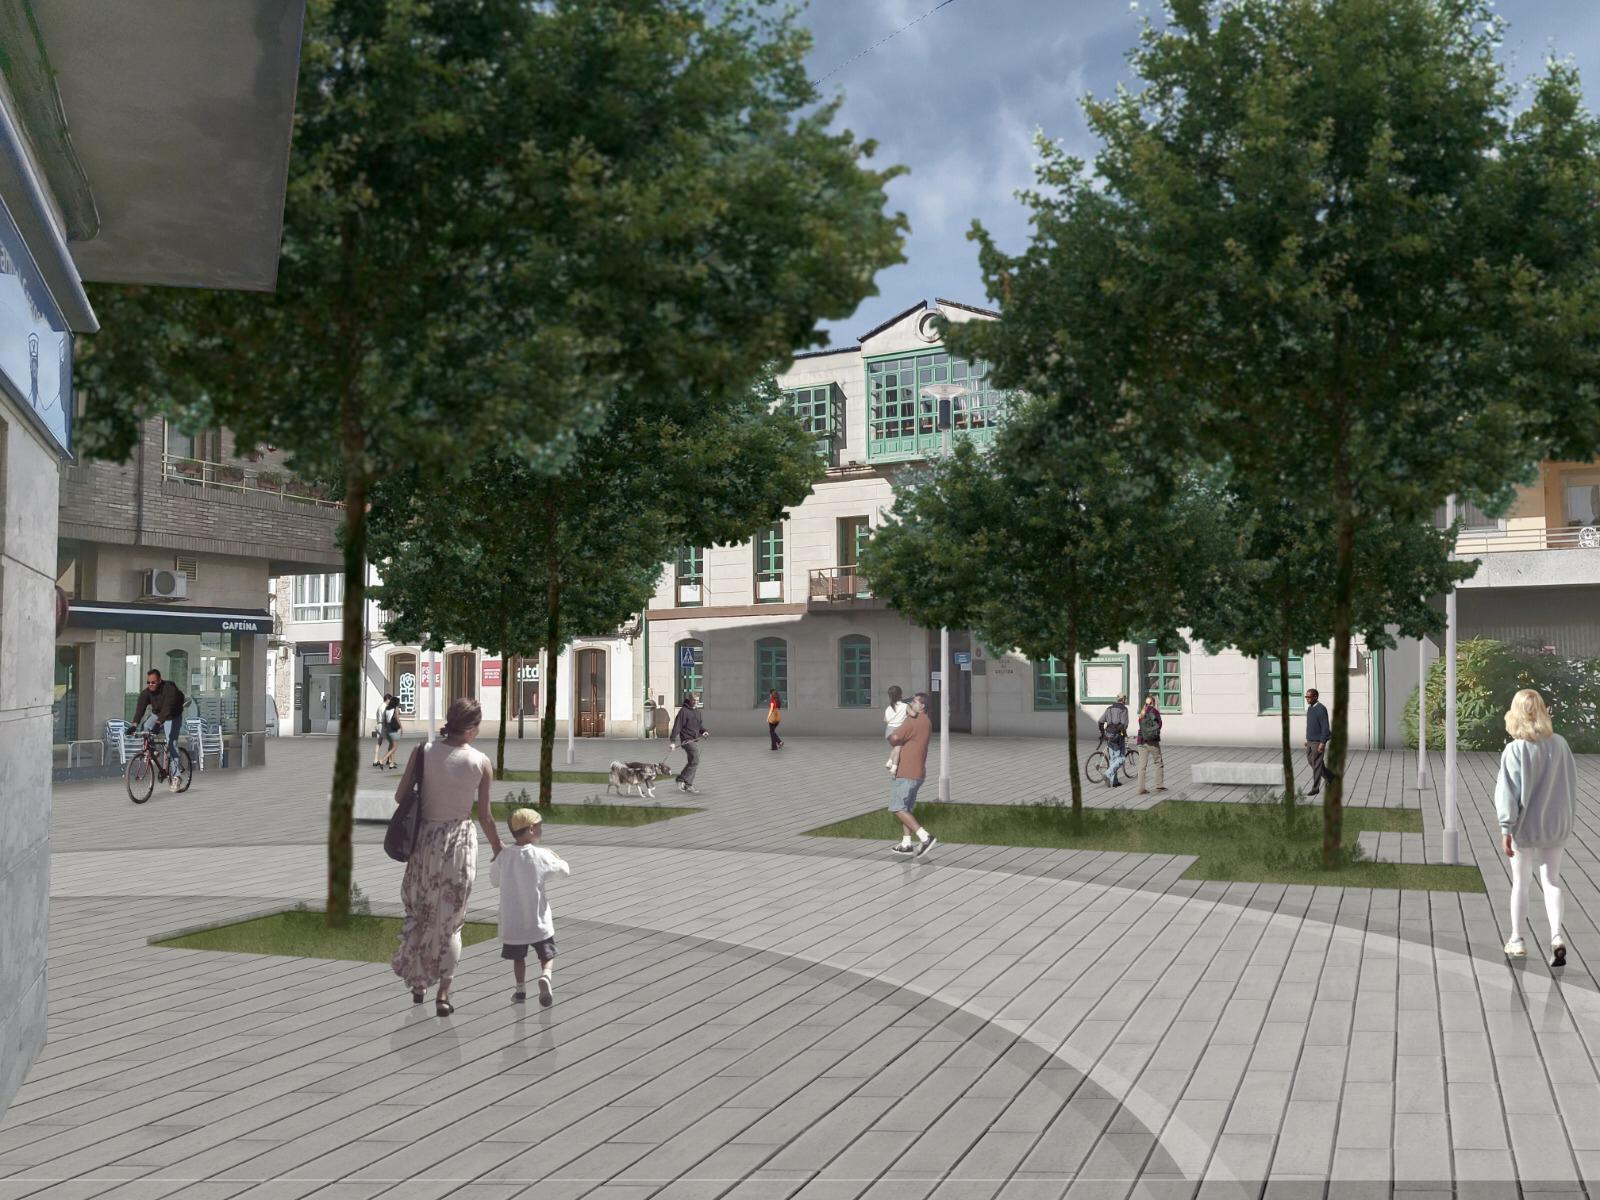 O Concello de Silleda expón un avance da remodelación da rúa Progreso